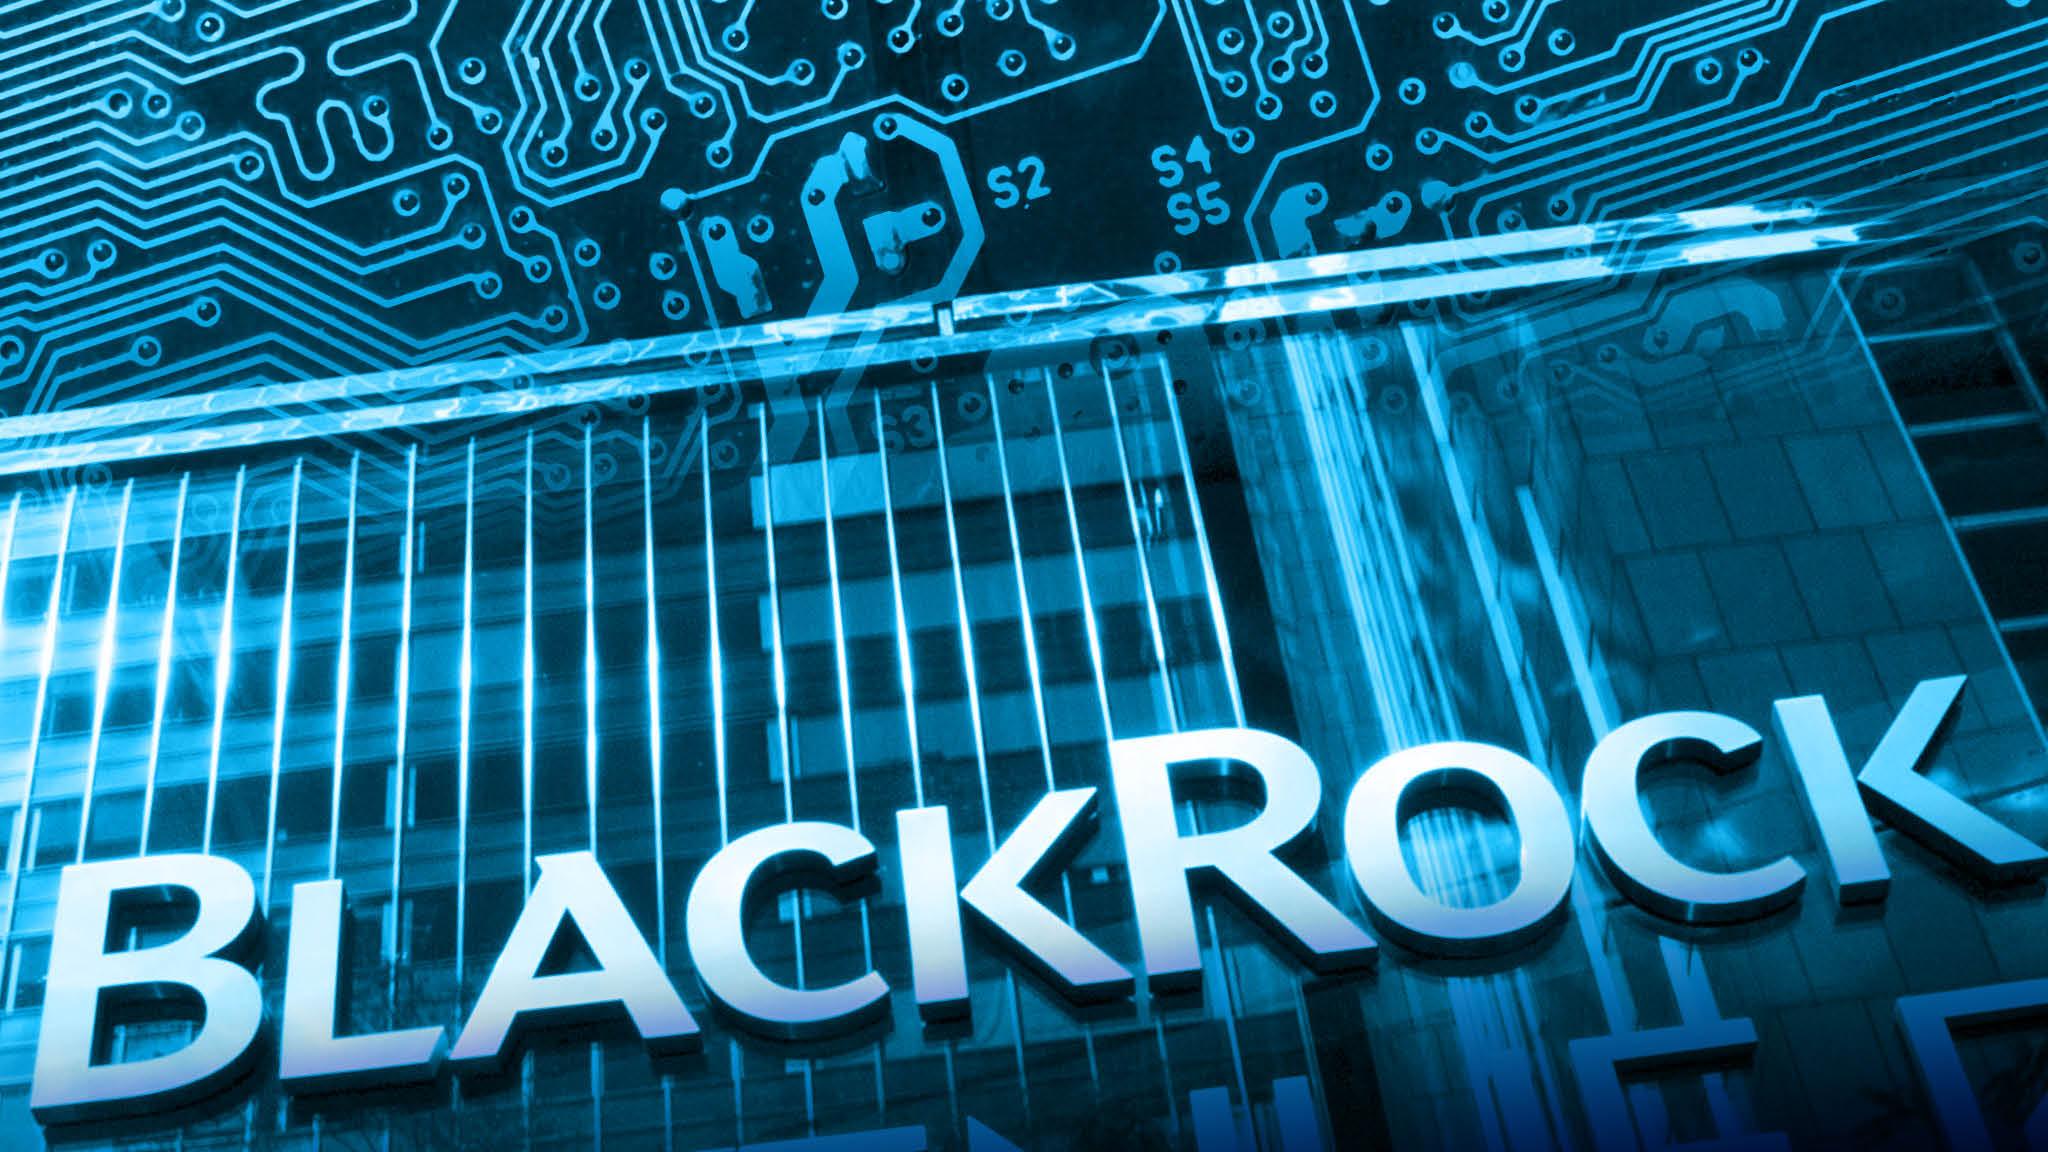 BlackRock earnings fall less than feared as assets near $7tn